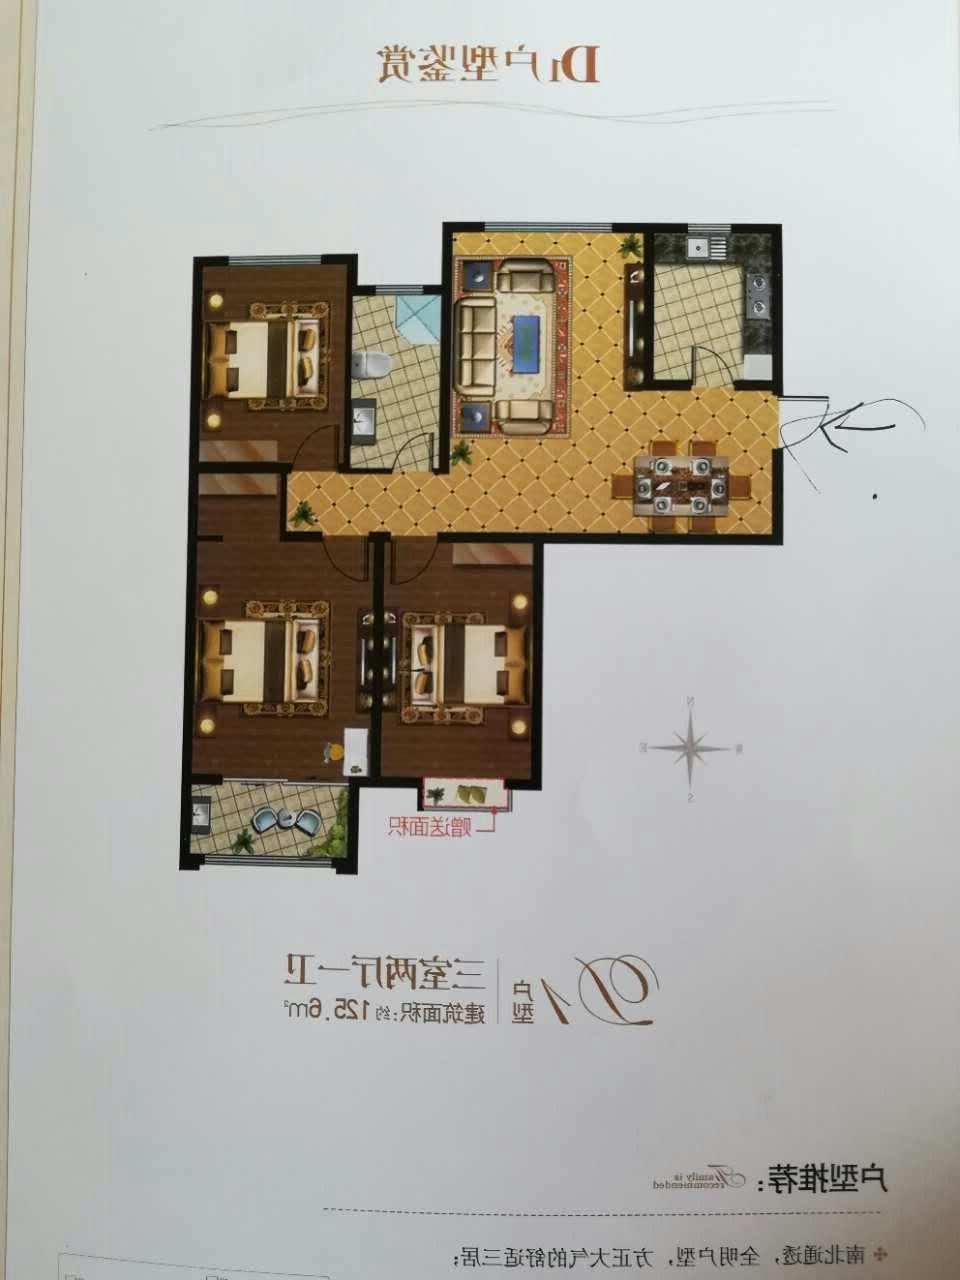 鲁班御景国际 3室2厅 24楼